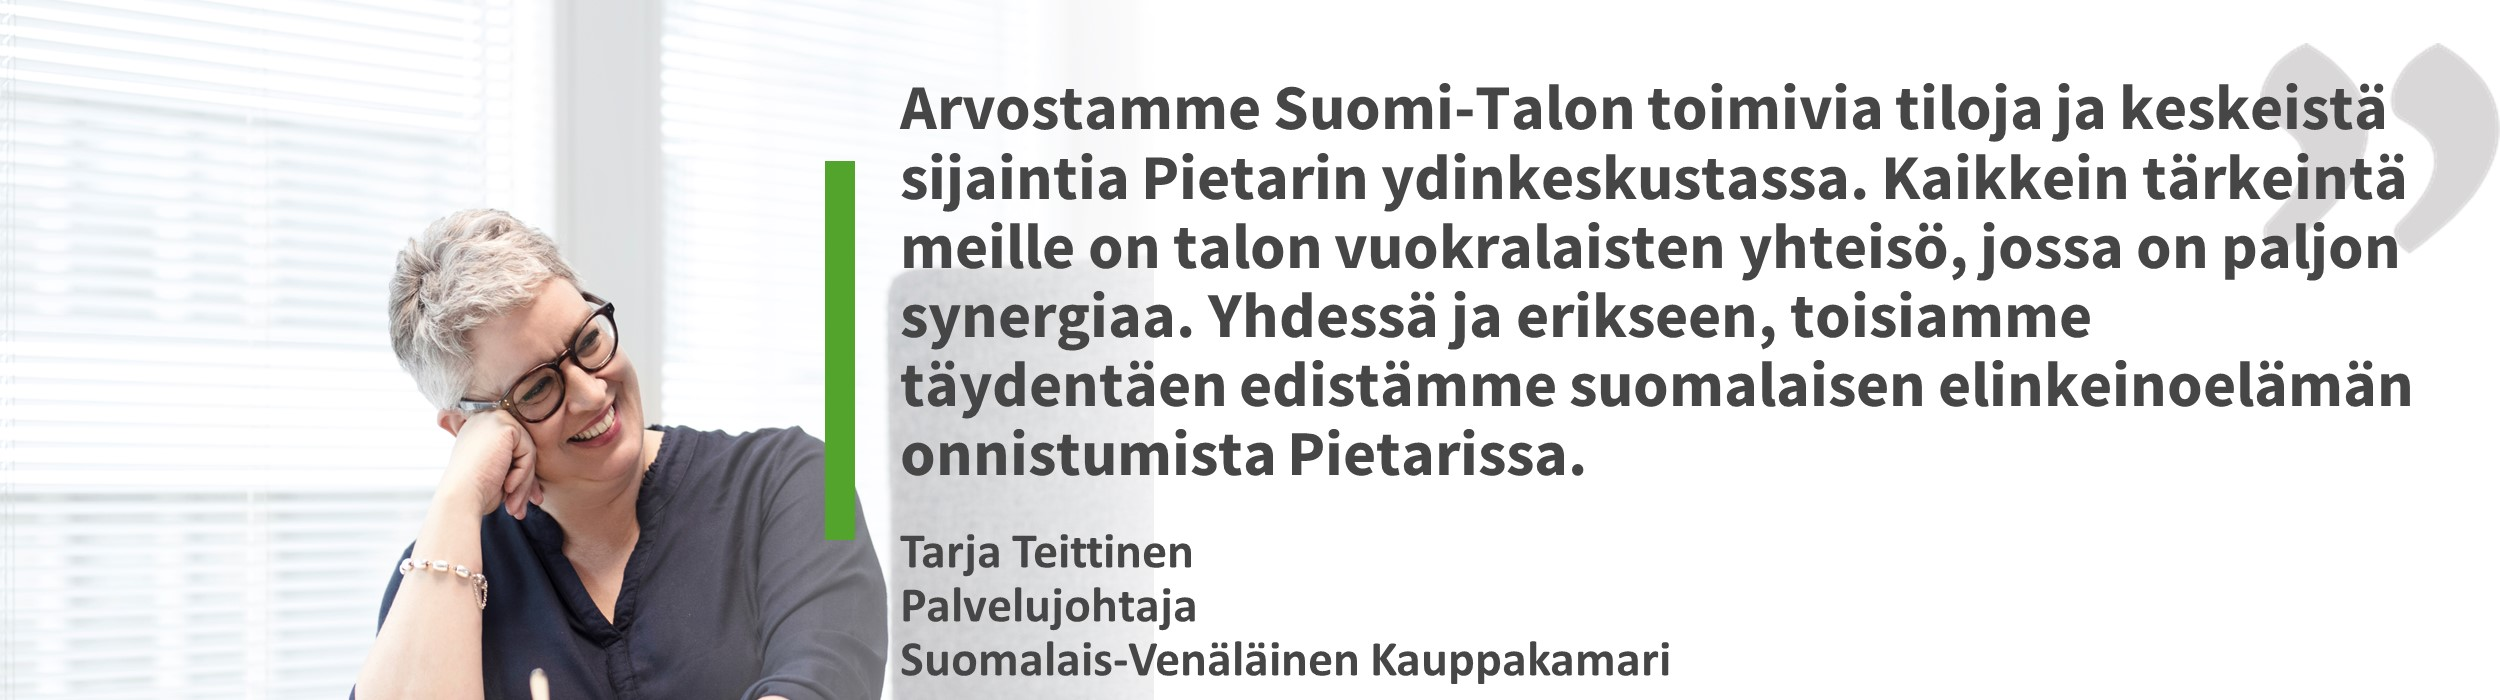 Tarja Teittinen, Suomalais-Venäläinen Kauppakamari